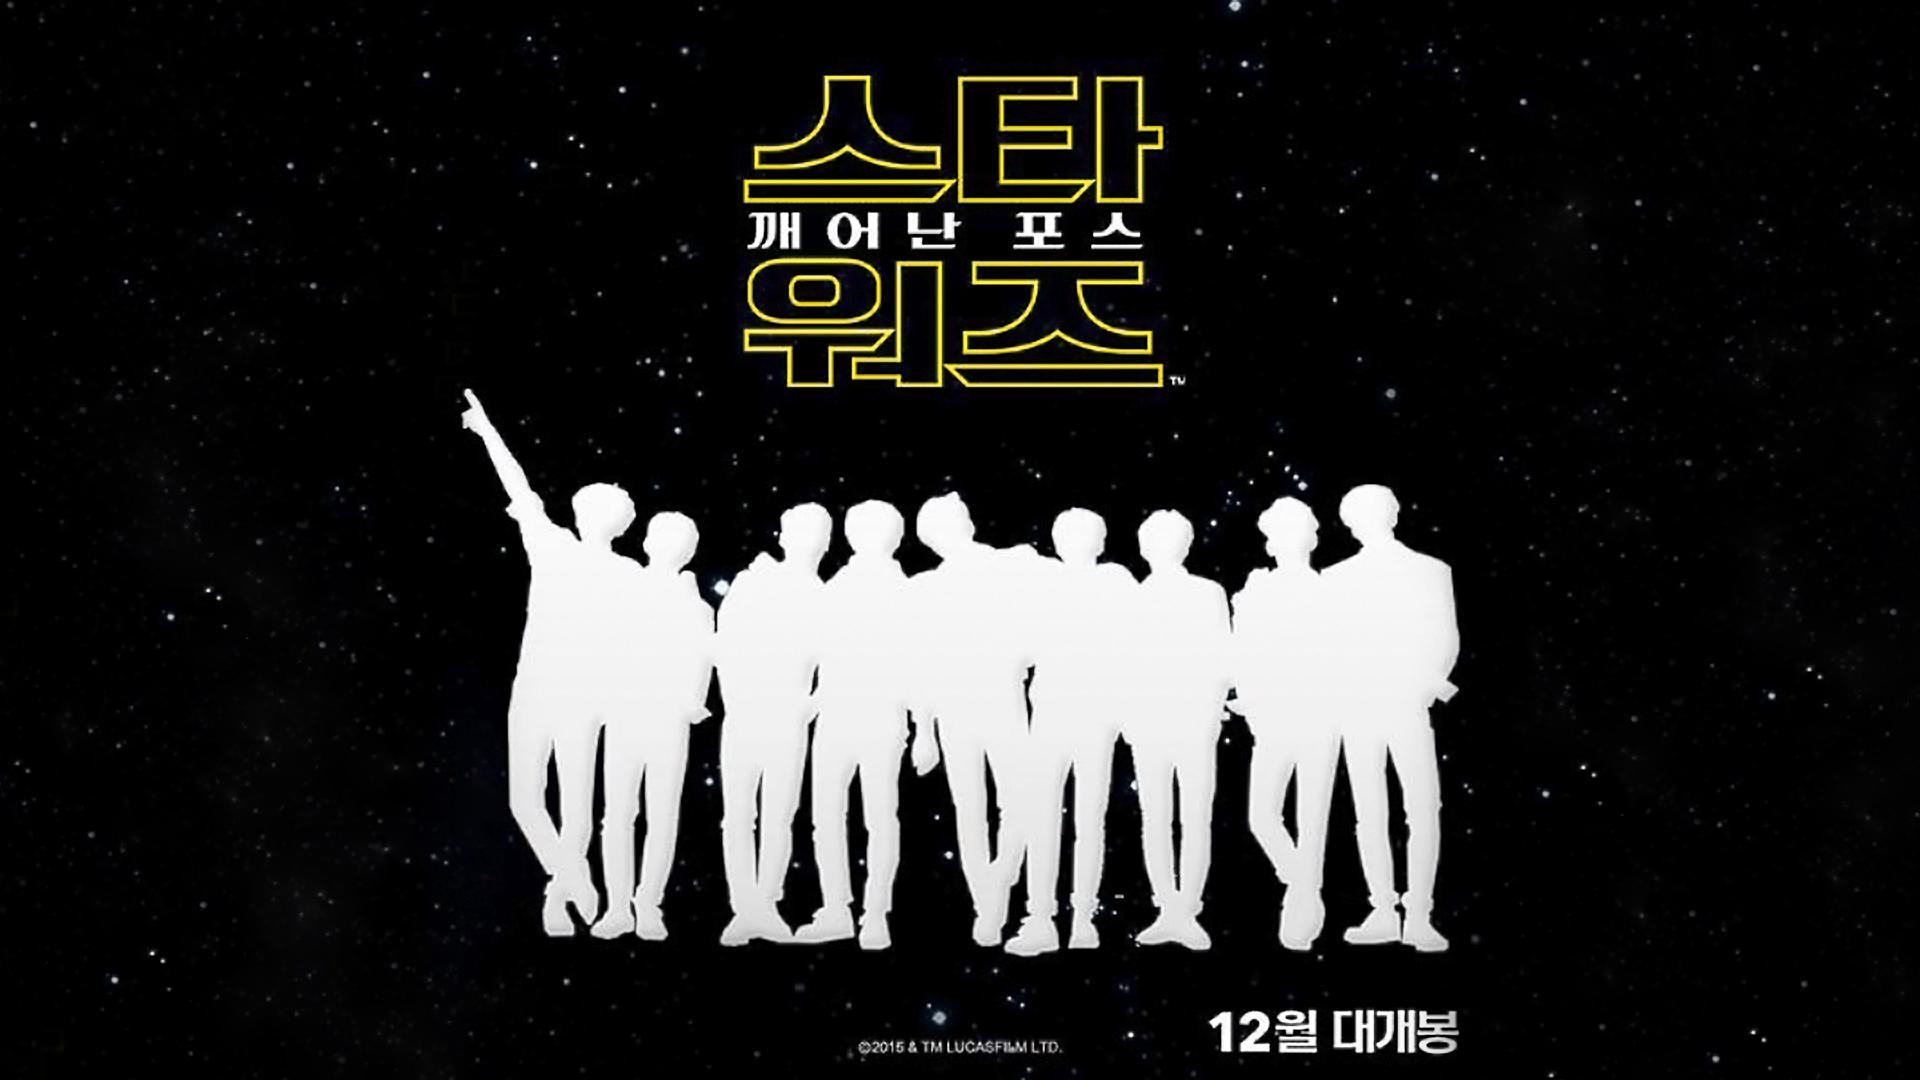 EXO + Star Wars